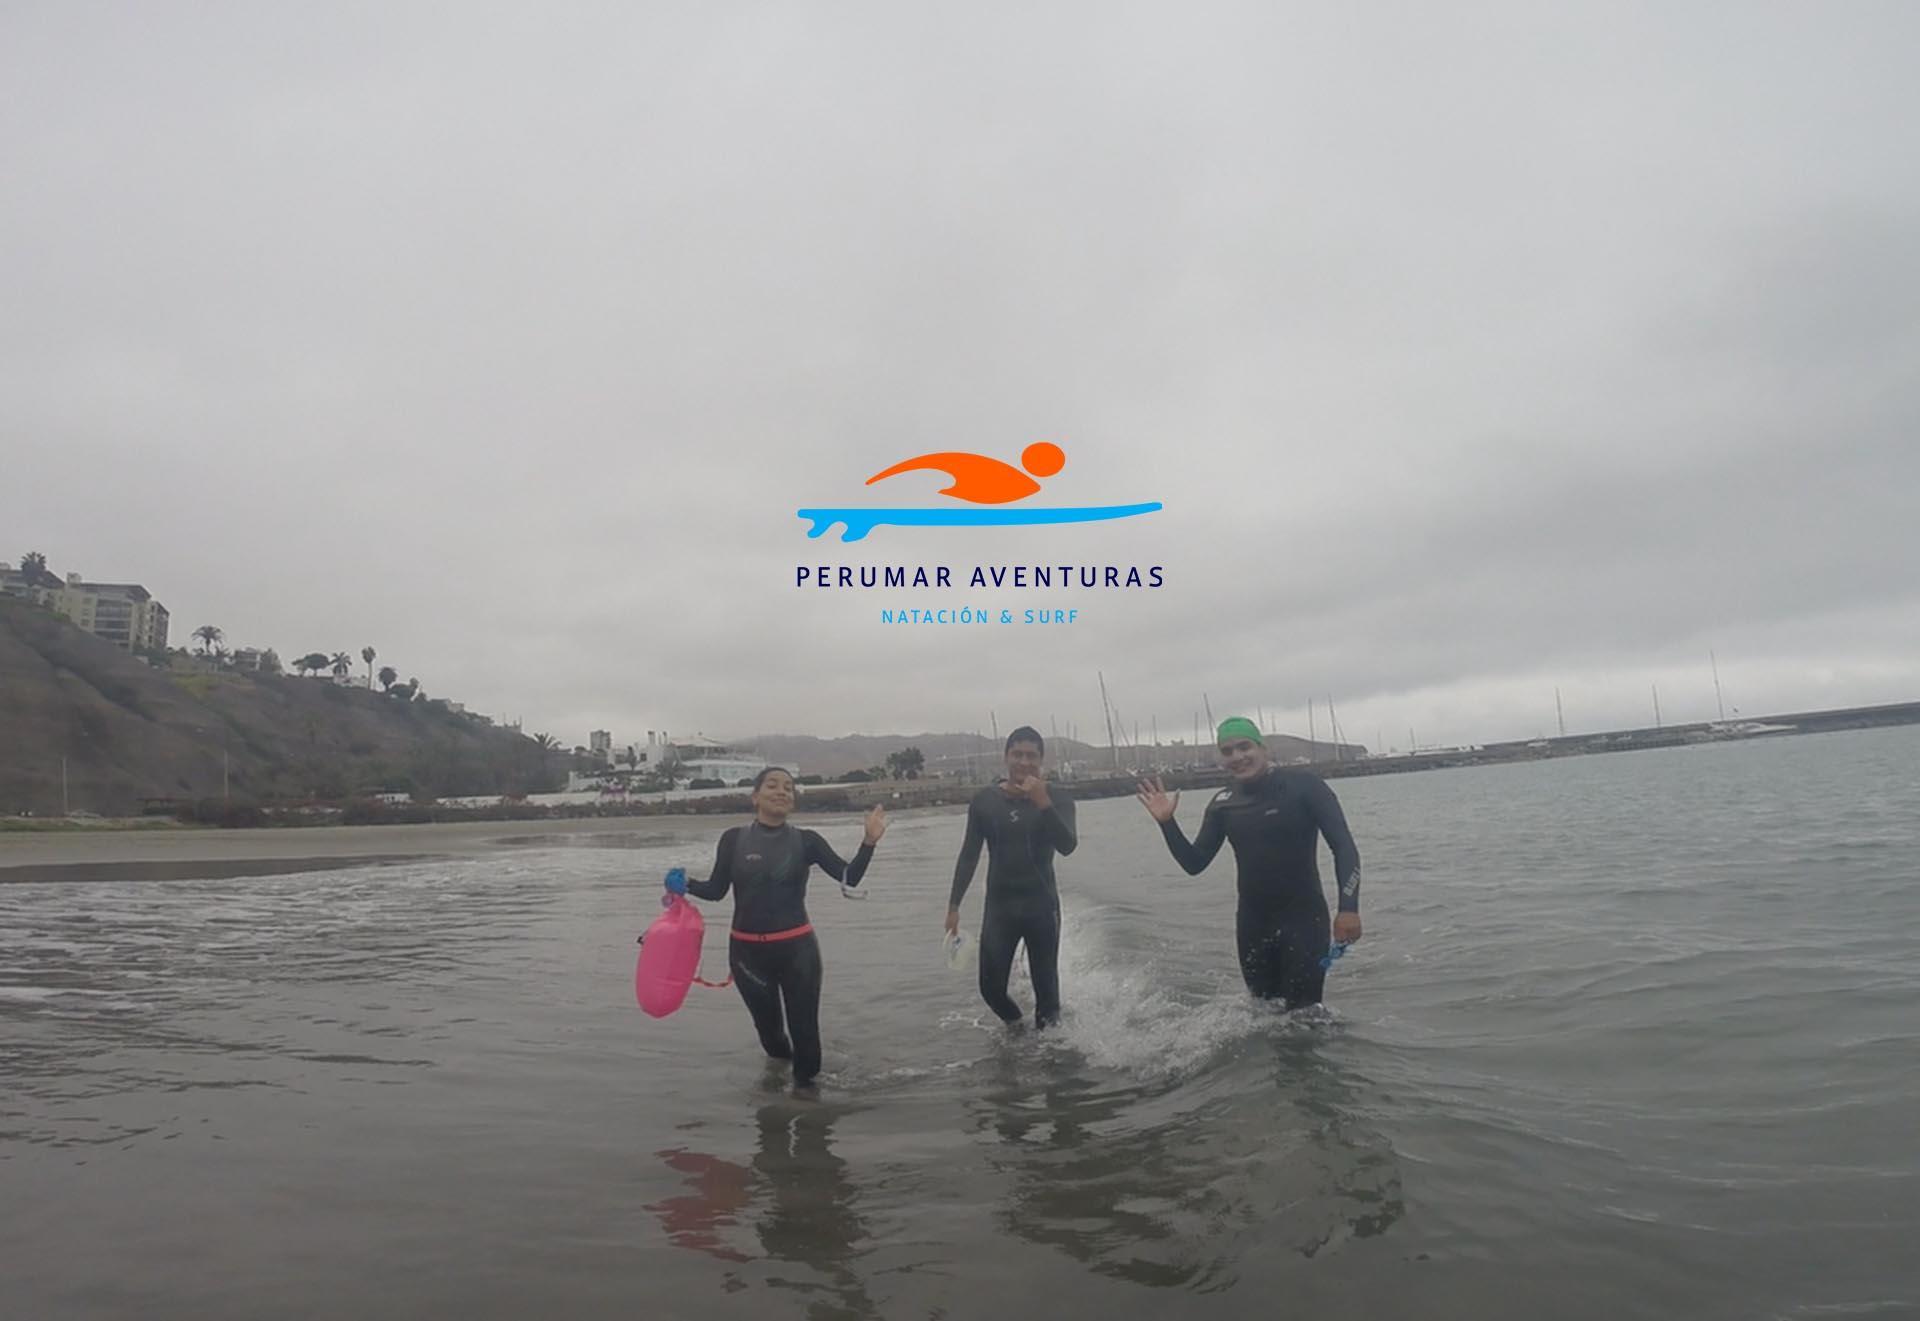 perumar-clases-natacion-surf-lima-peru-youtube-natacion